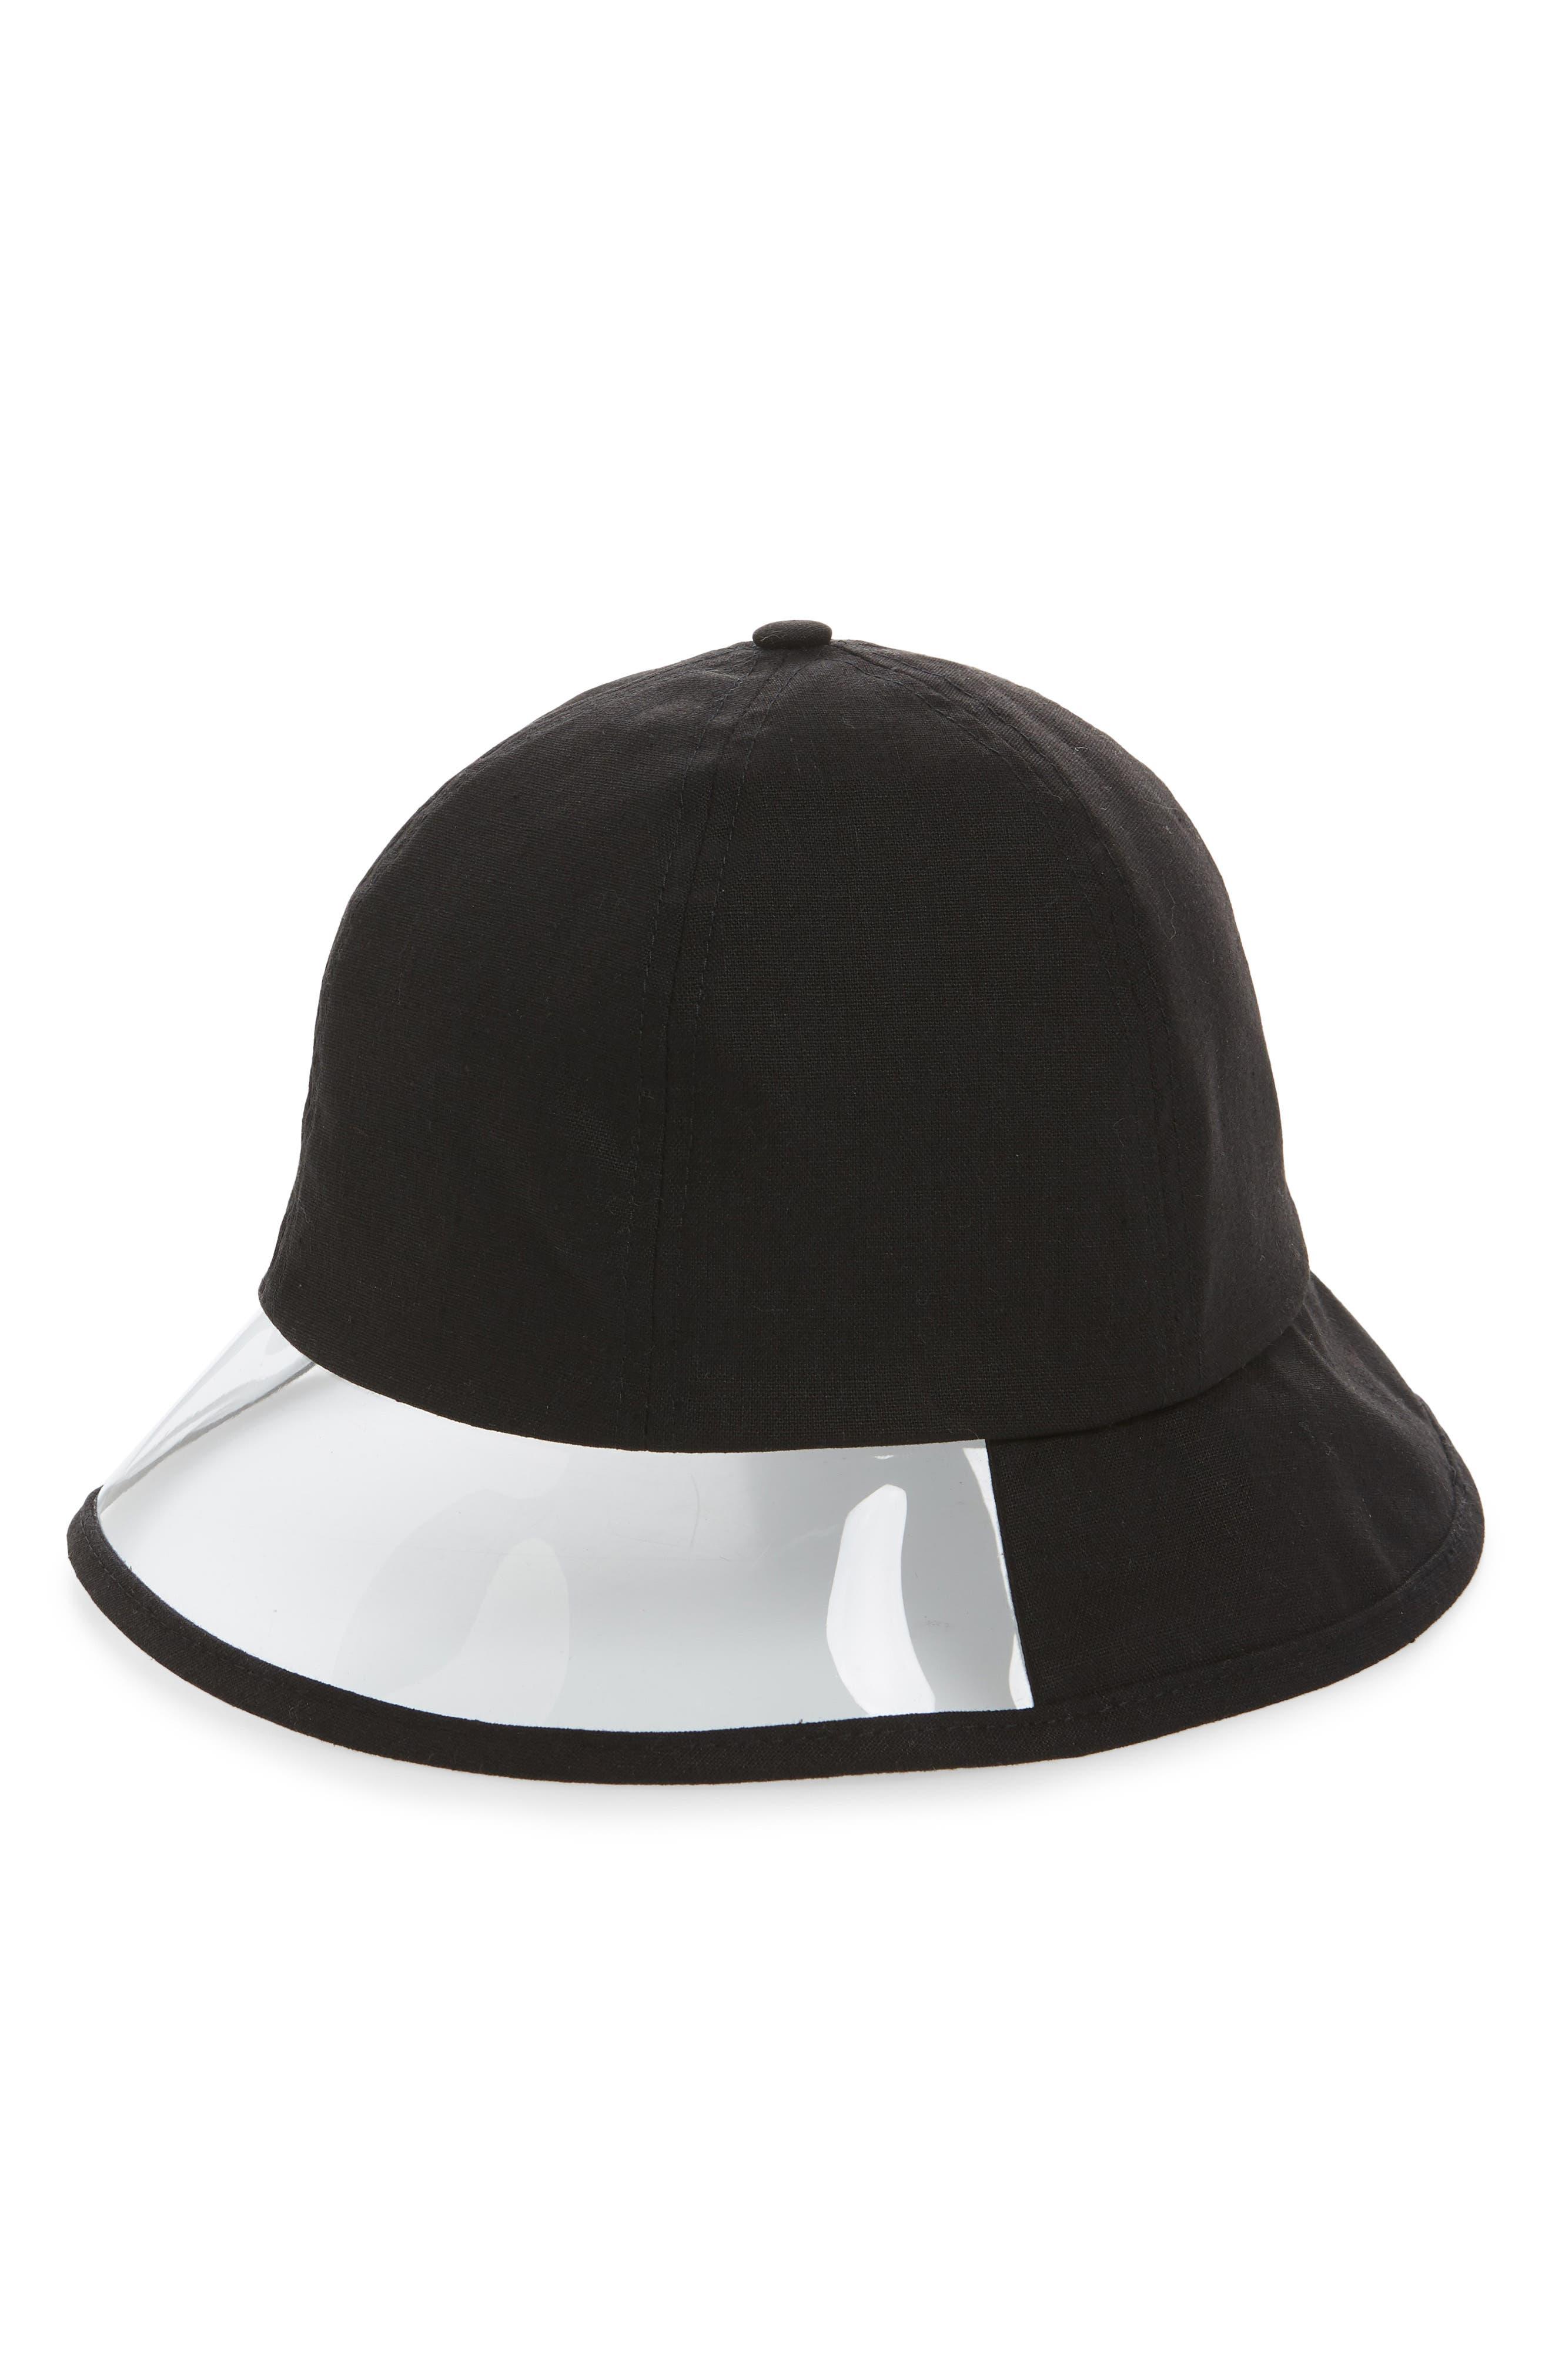 021a96e1577 Linen Hats for Women